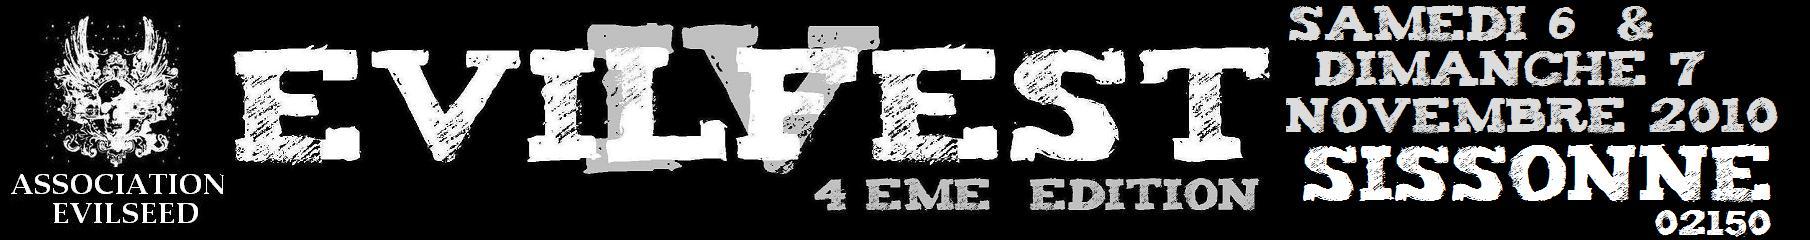 L'association EvilSeed, organisateur de concerts choisit Weezevent comme billetterie